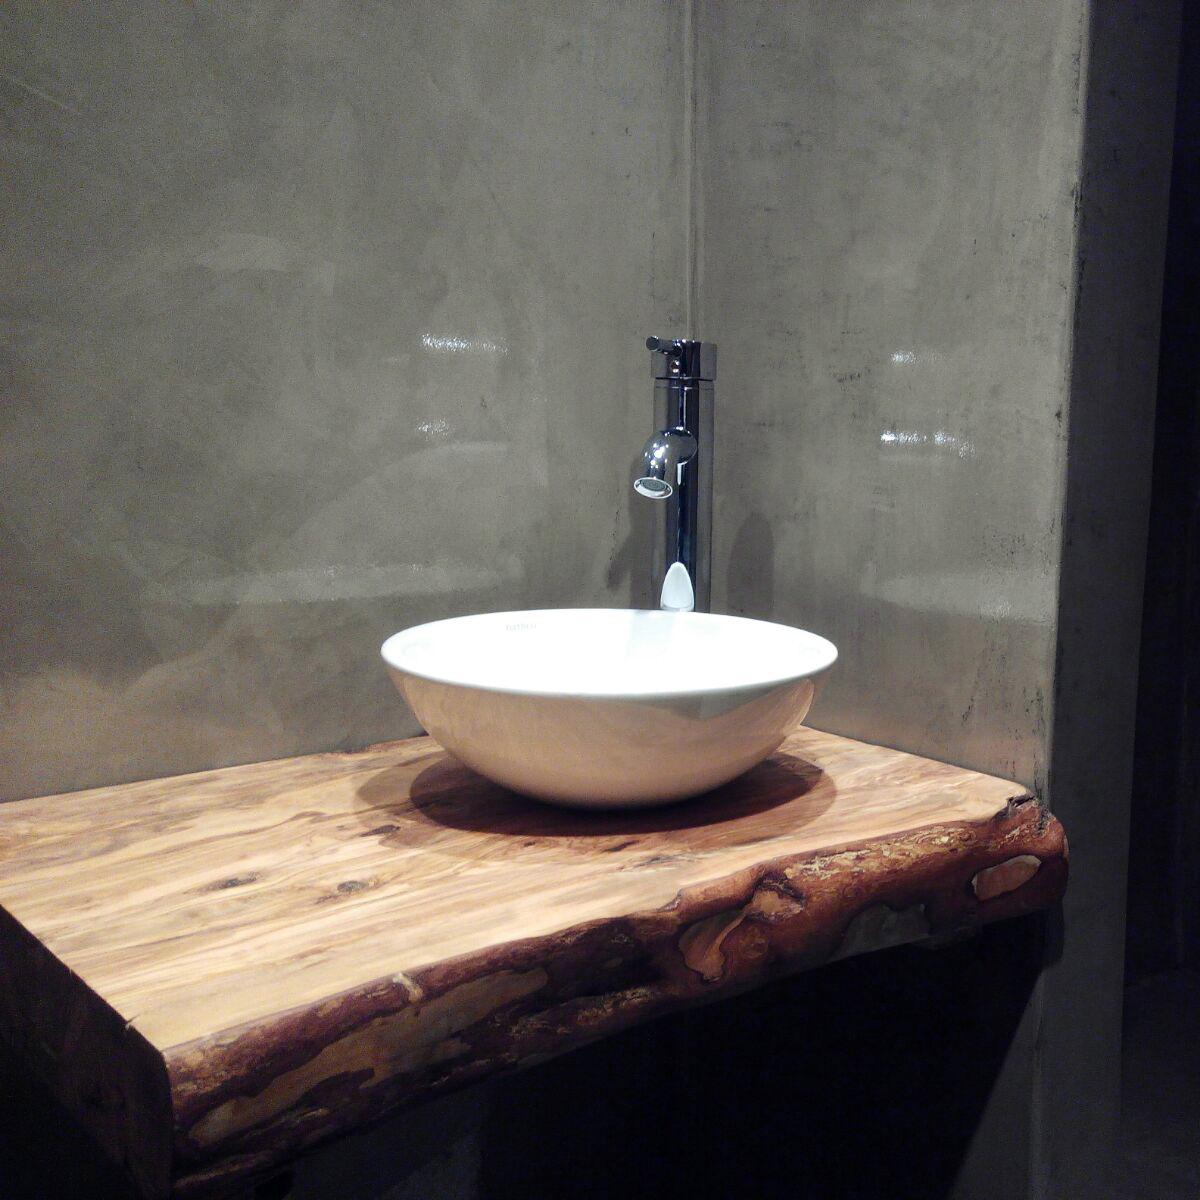 encimera de bao de madera rstica en un ambiente minimalista